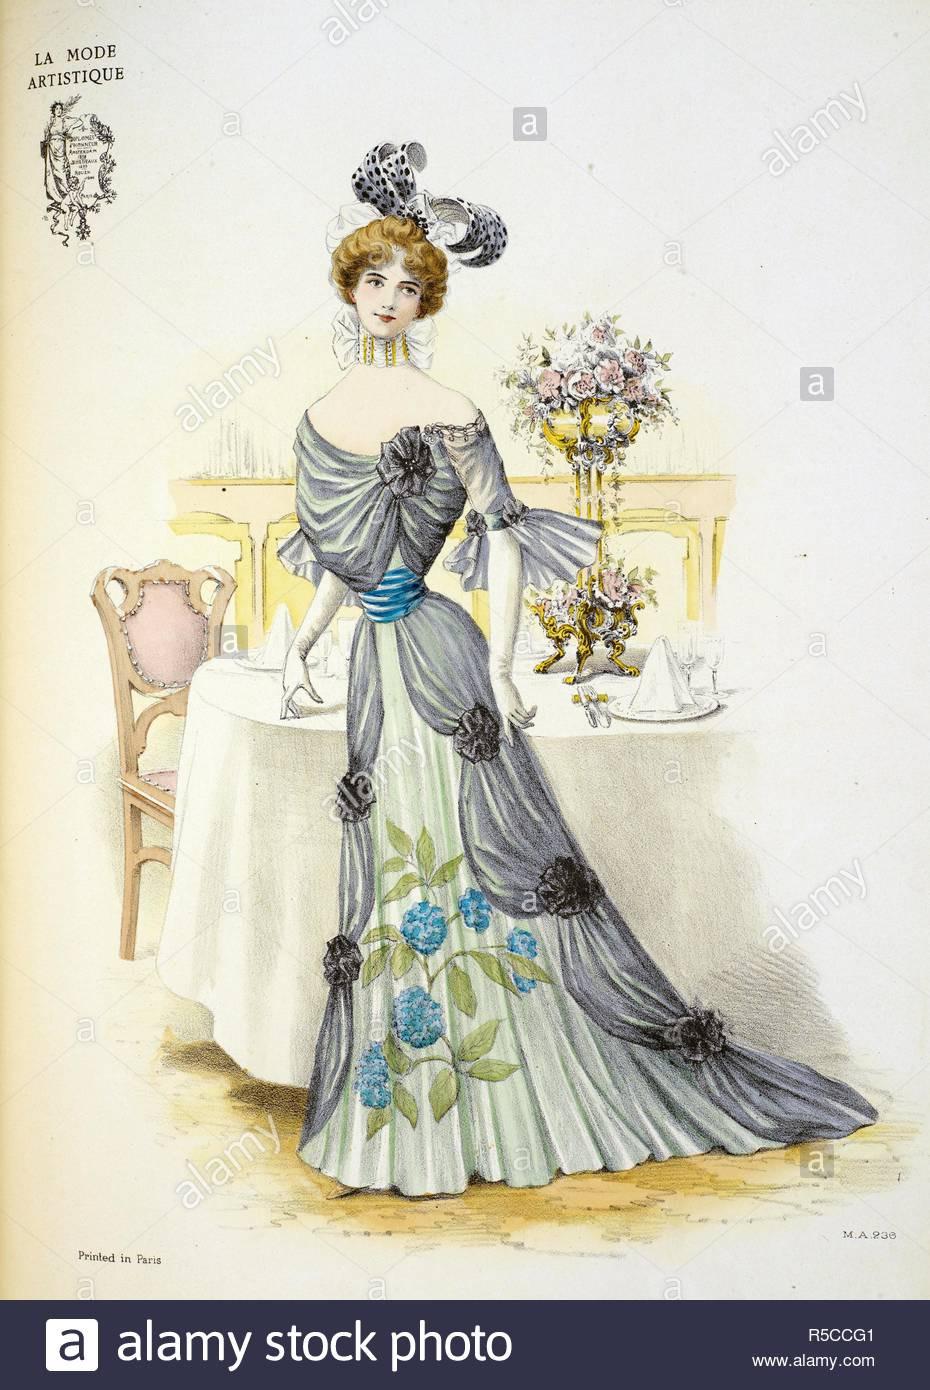 Abend Fantastisch Abendkleid Englisch Vertrieb15 Großartig Abendkleid Englisch Stylish